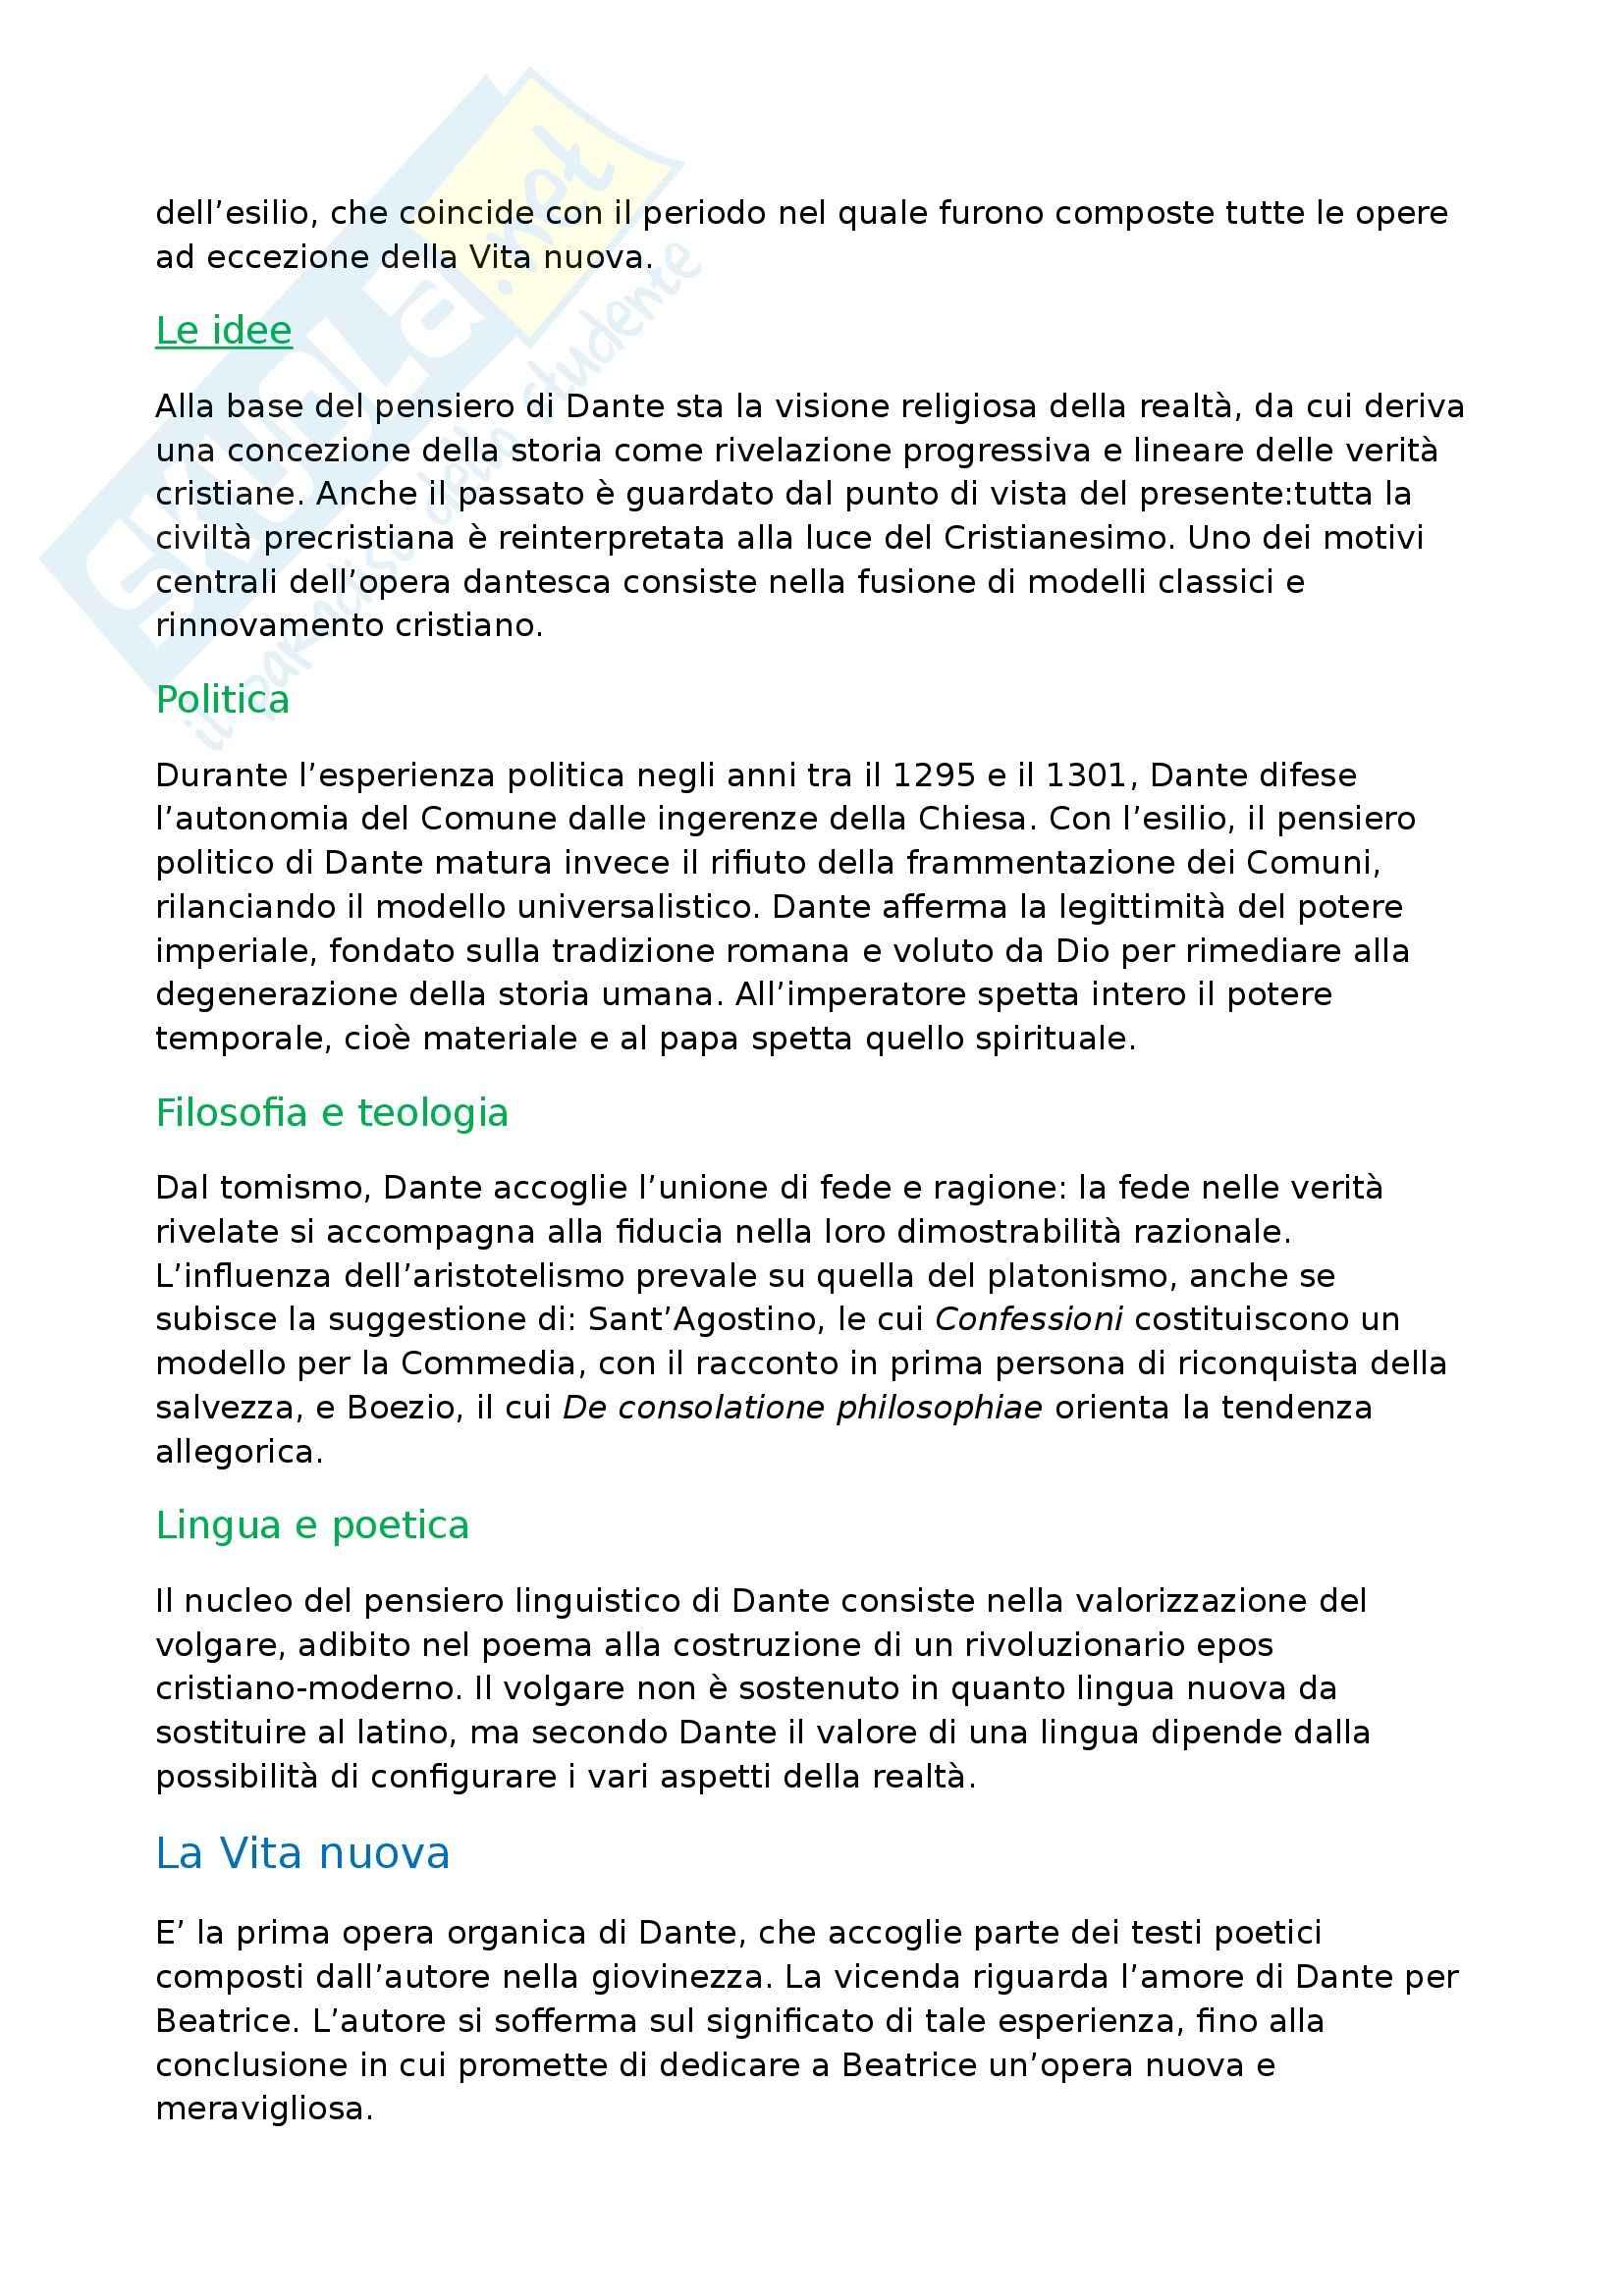 Letteratura italiana - Dante Alighieri Pag. 2